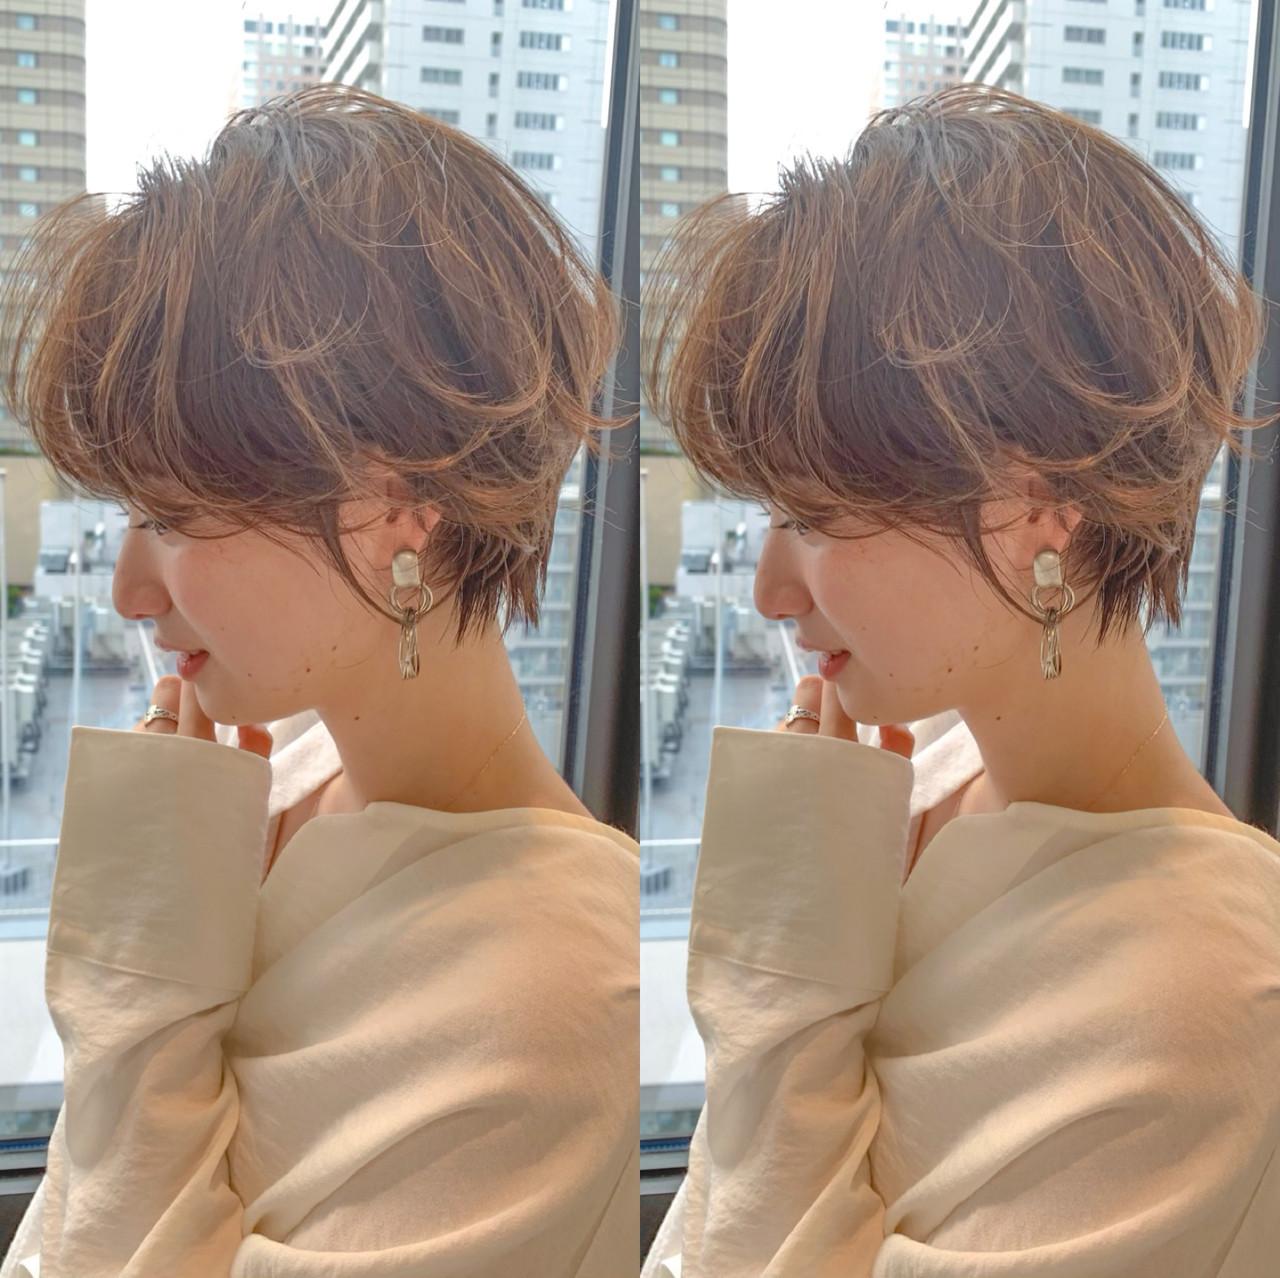 ショートパーマ ショート ガーリー ショートヘア ヘアスタイルや髪型の写真・画像